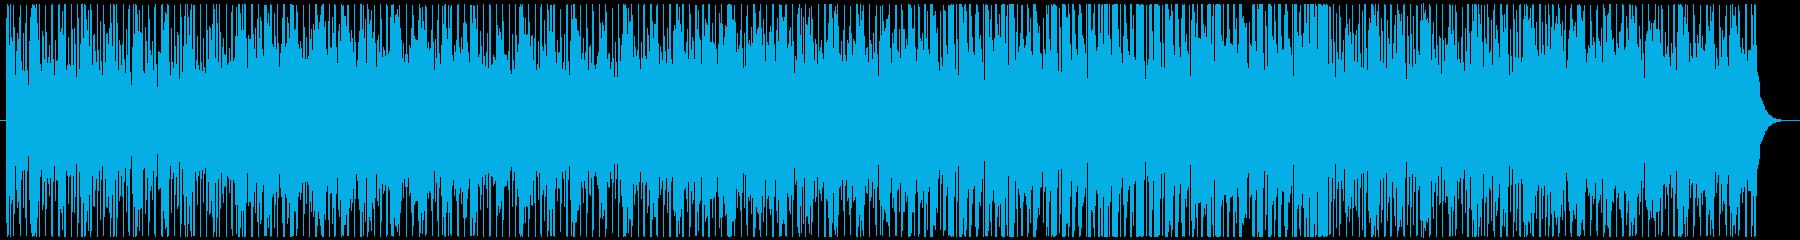 緊張感あふれるアップテンポのBGMの再生済みの波形